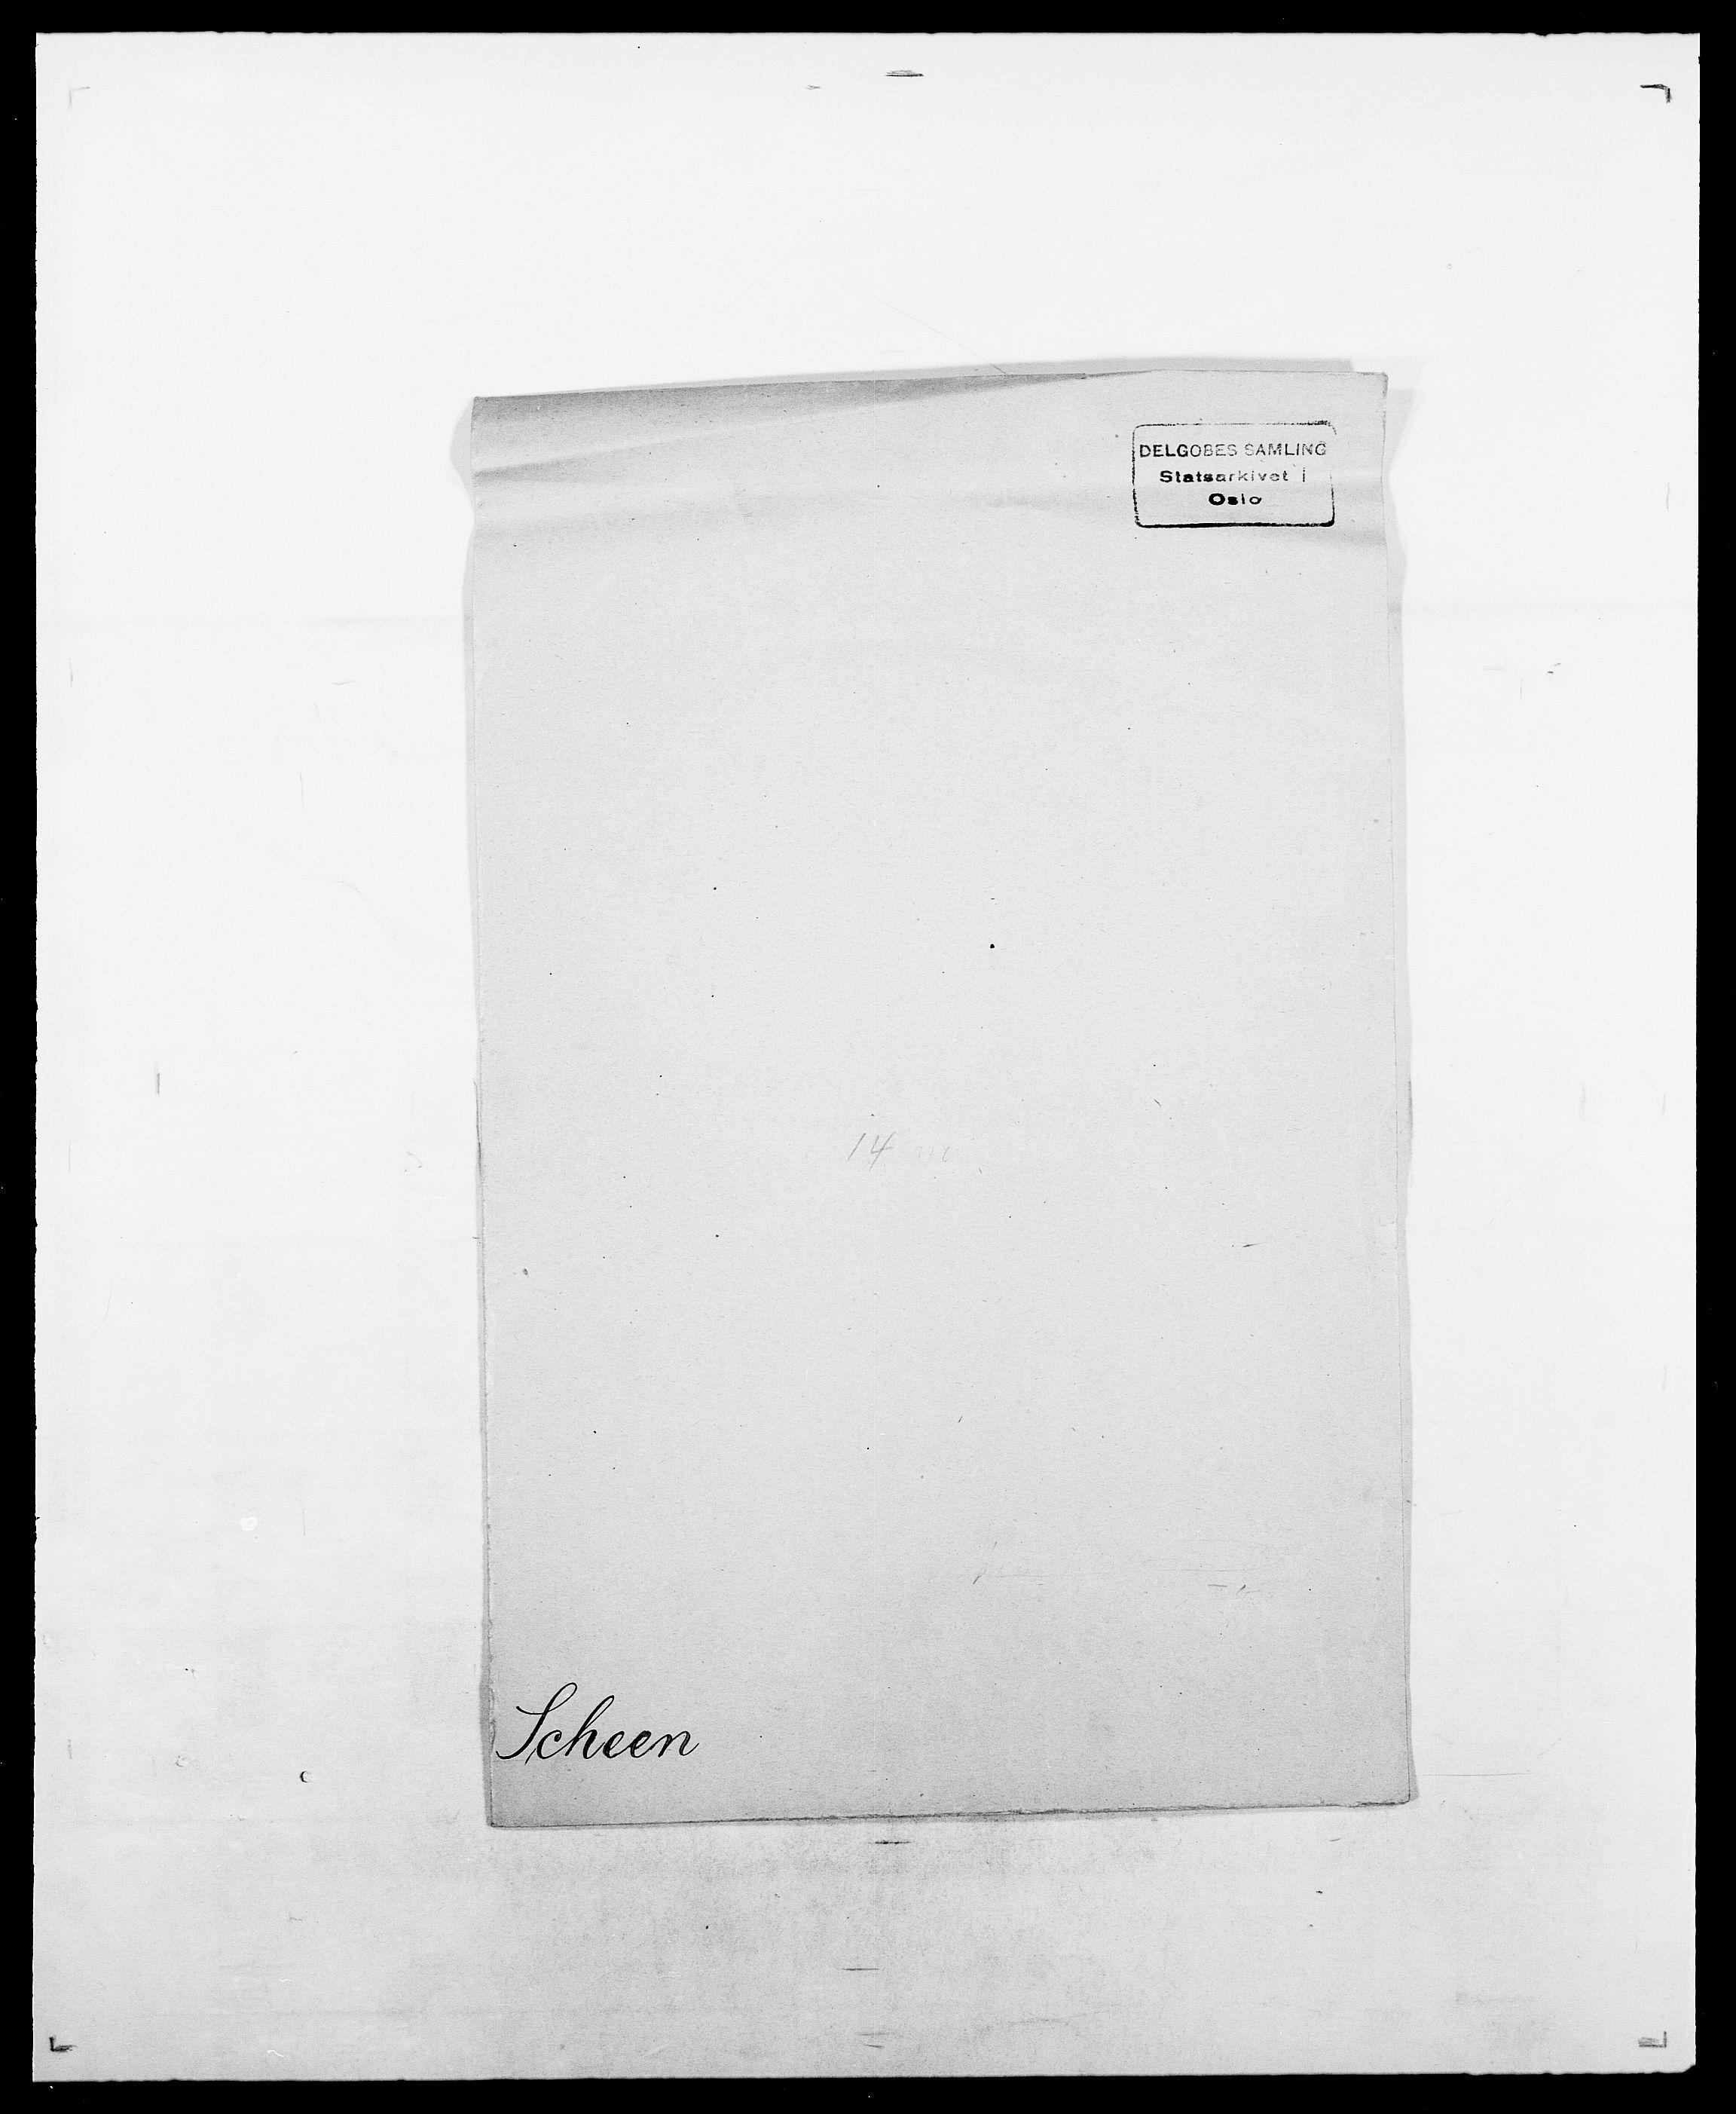 SAO, Delgobe, Charles Antoine - samling, D/Da/L0034: Saabye - Schmincke, s. 430